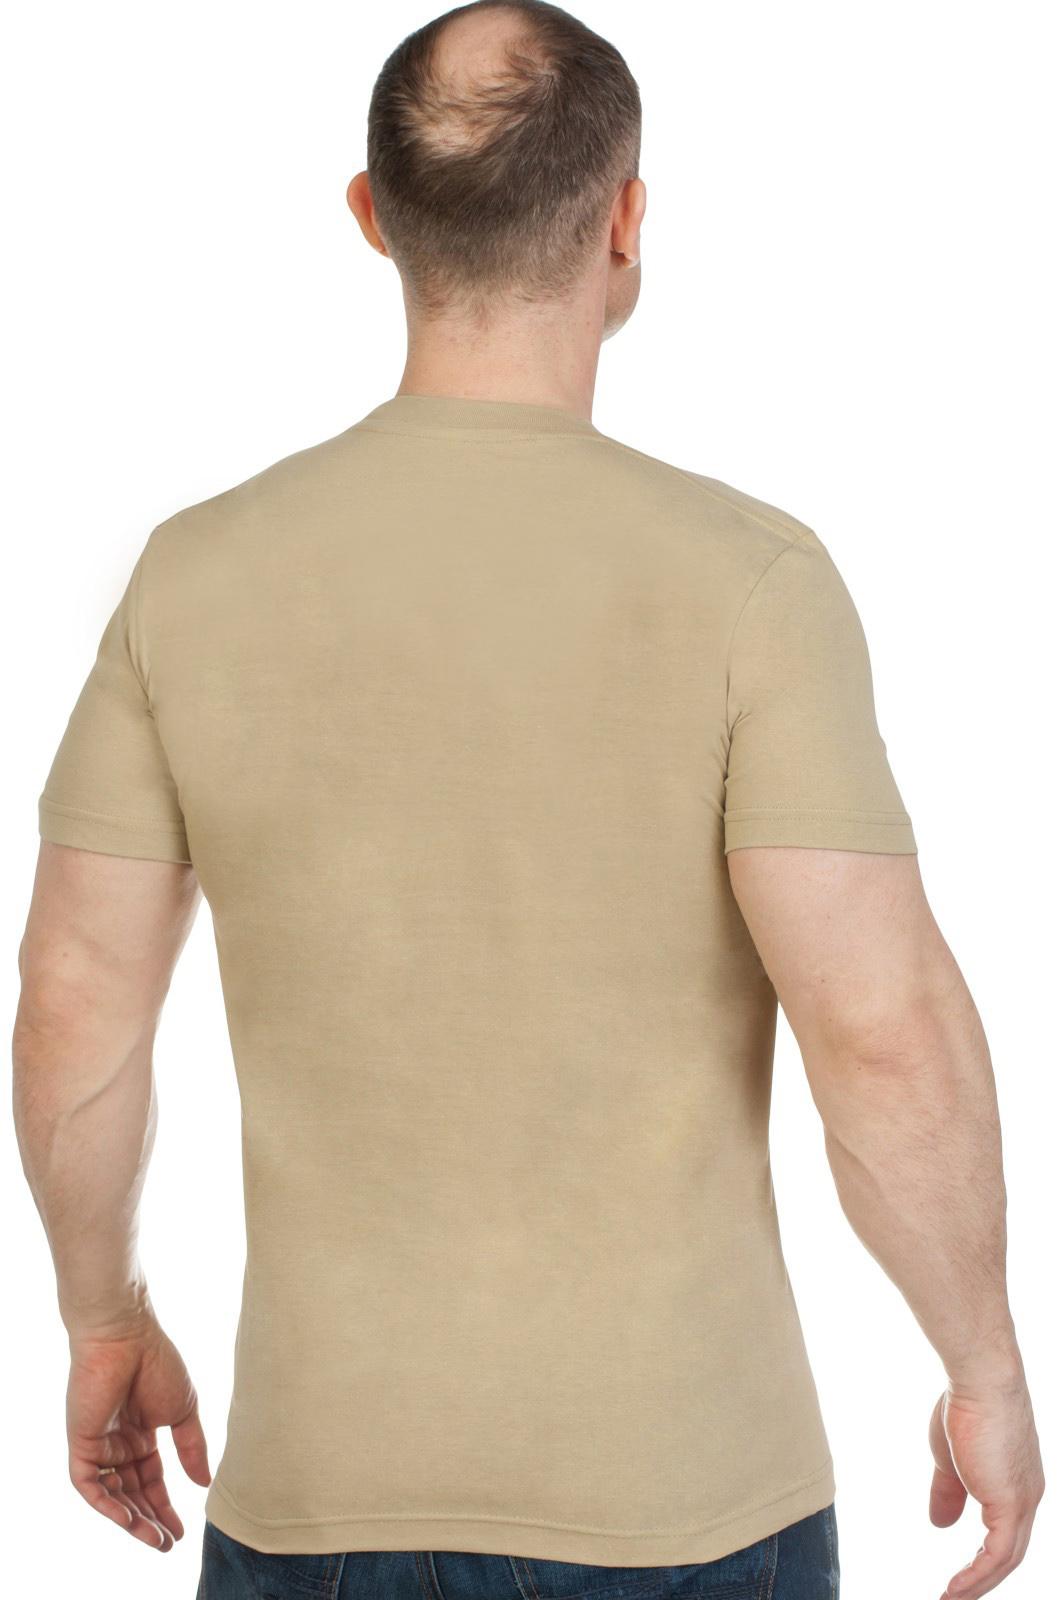 Классическая песочная футболка с вышивкой Танковые Войска - купить в Военпро